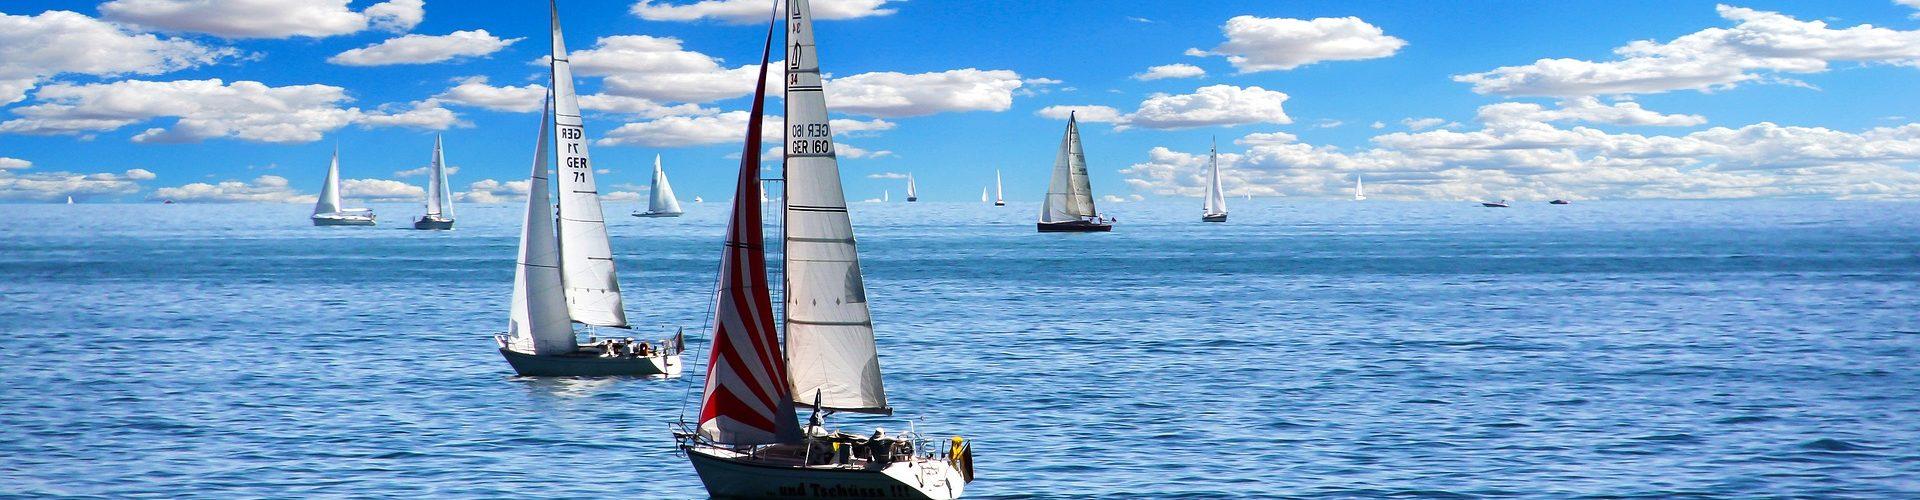 segeln lernen in Loissin segelschein machen in Loissin 1920x500 - Segeln lernen in Loissin